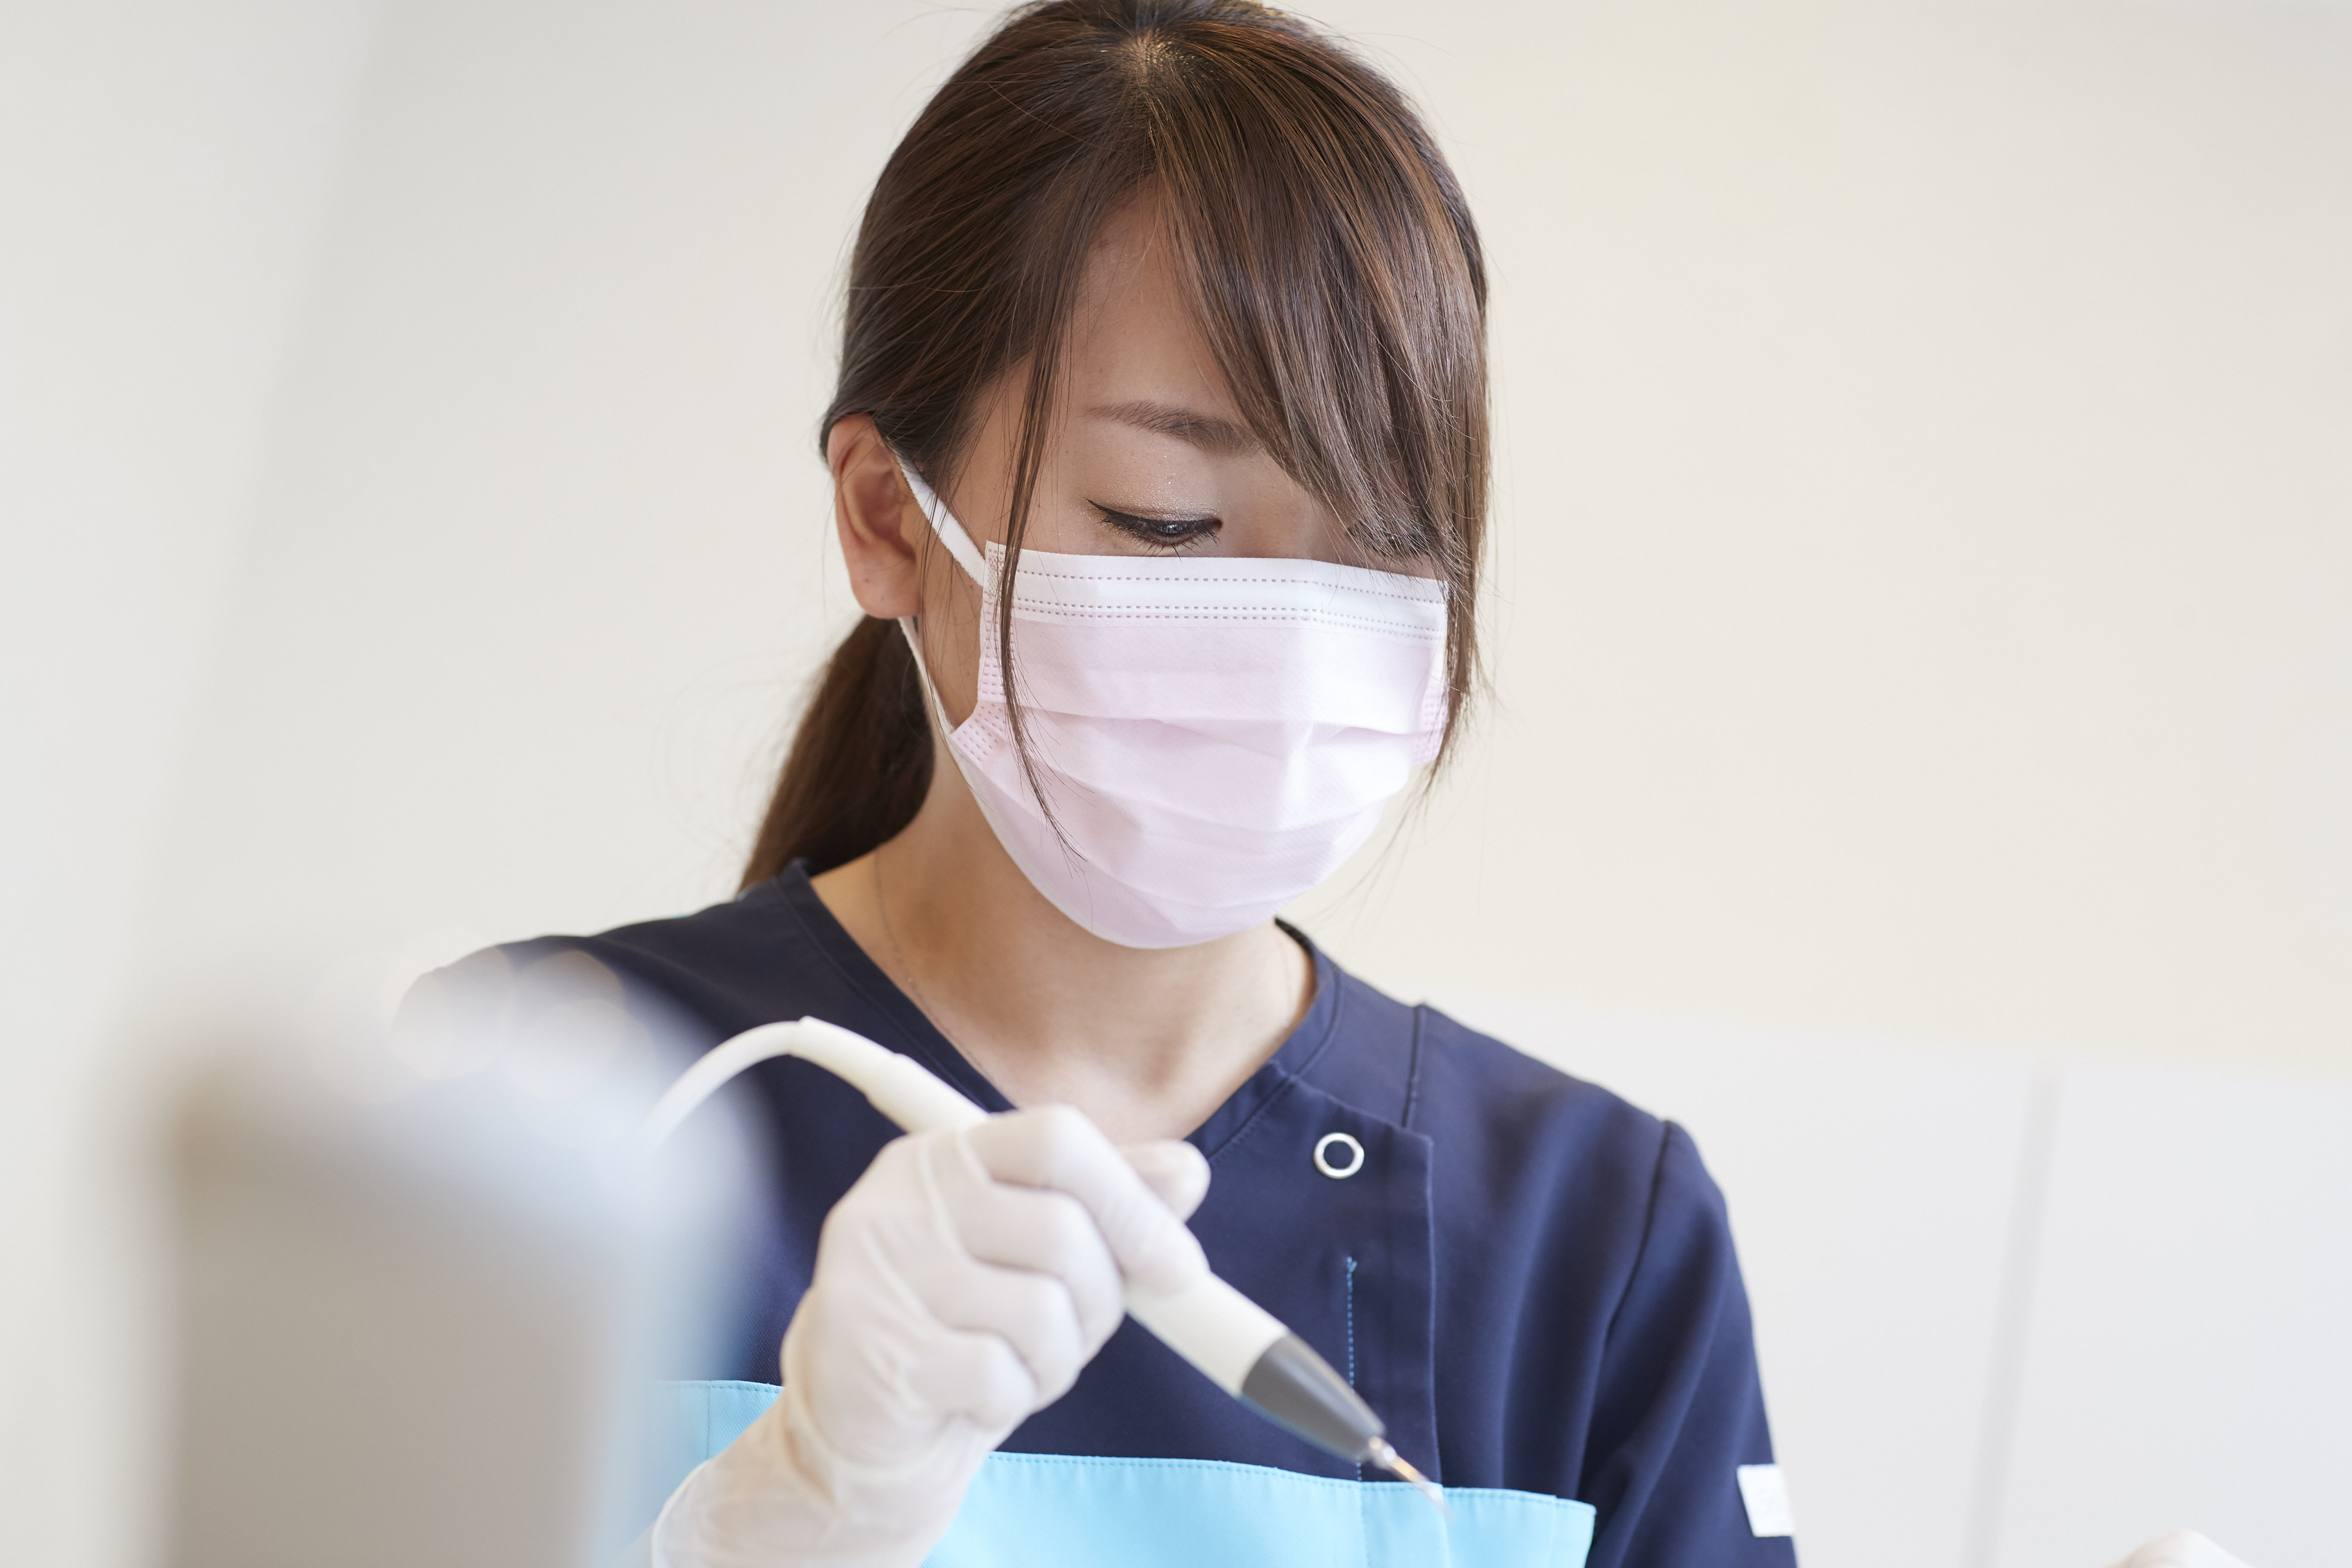 定期検診は大事になります。